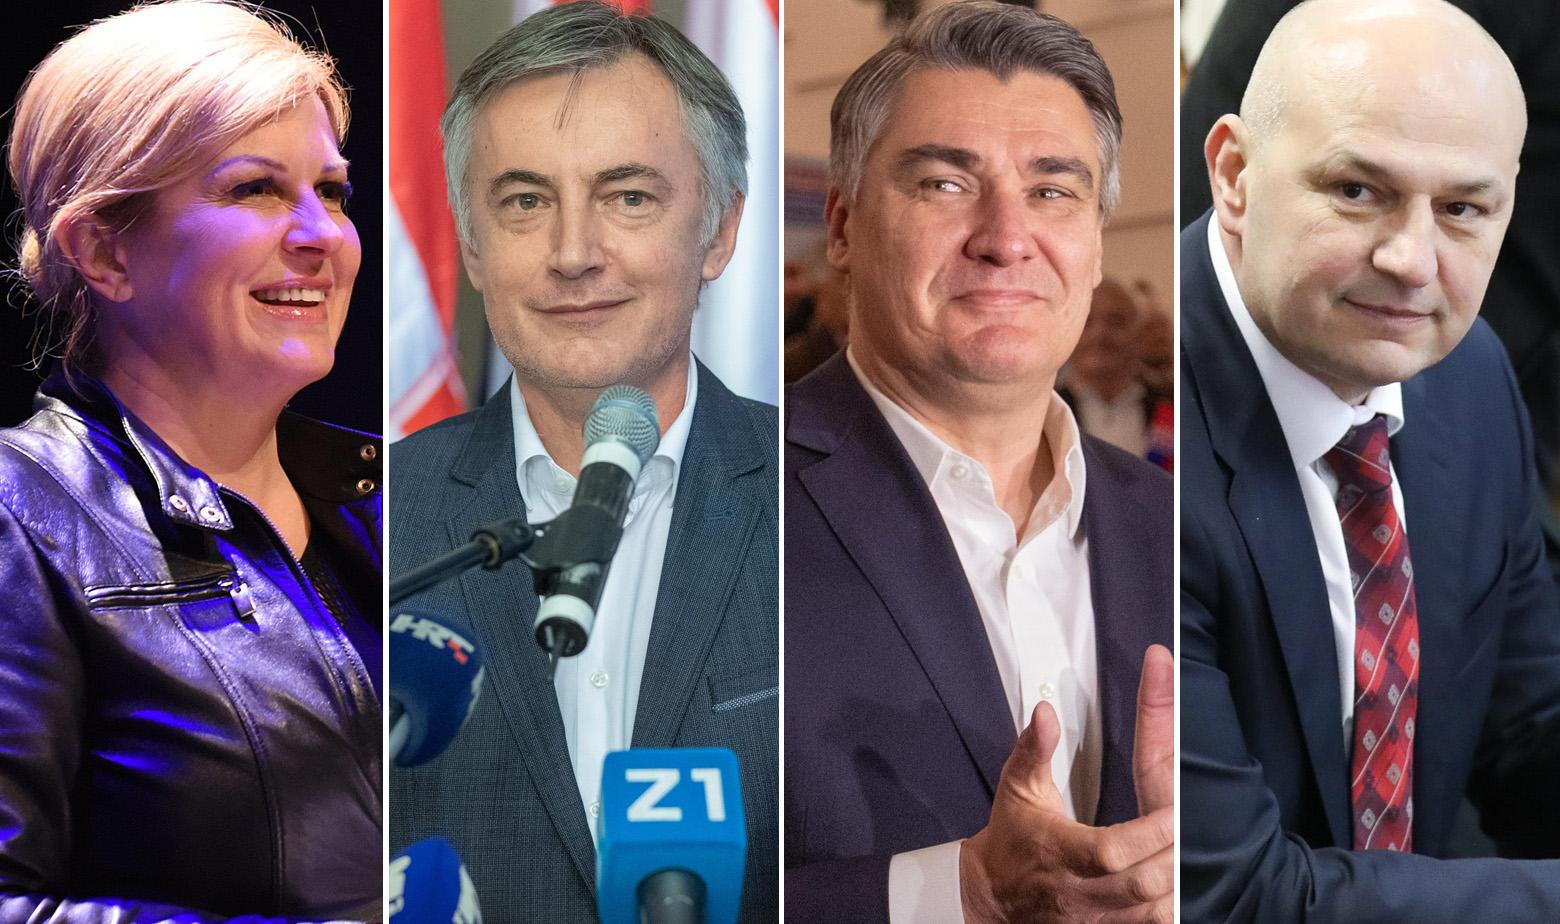 Kolinda Grabar Kitarović, Miroslav Škoro, Zoran Milanović, Mislav Kolakušić